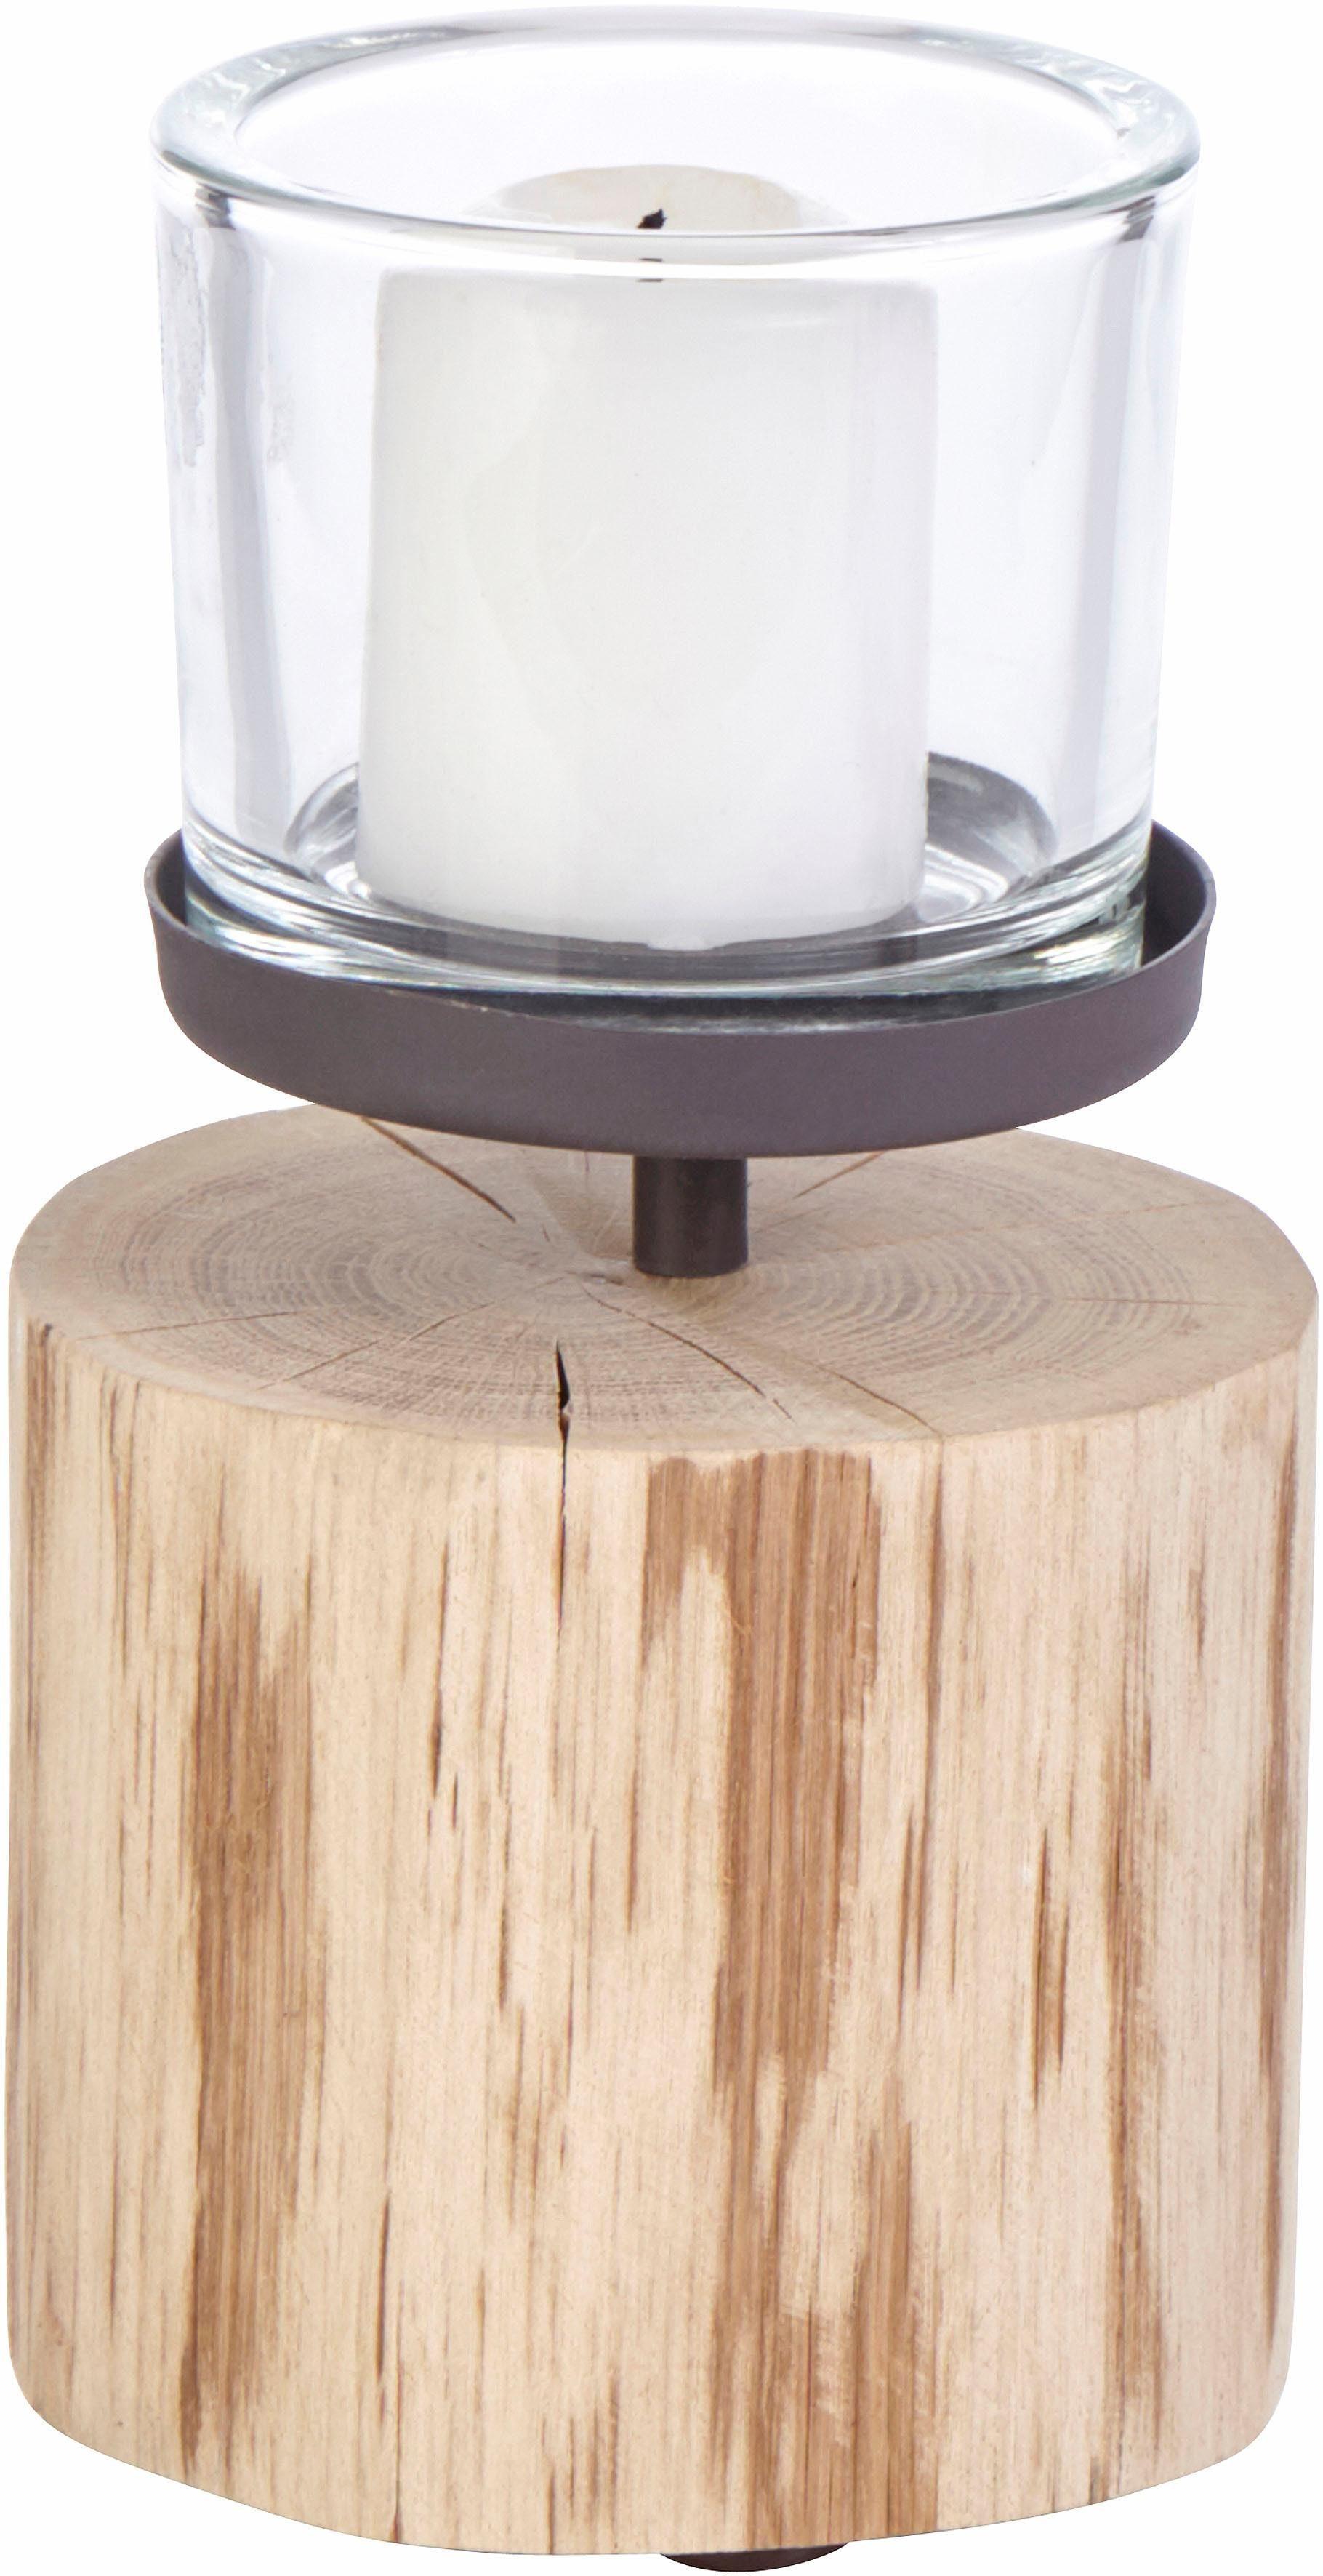 Home affaire Windlicht mit Holzfuß und Eisengestell